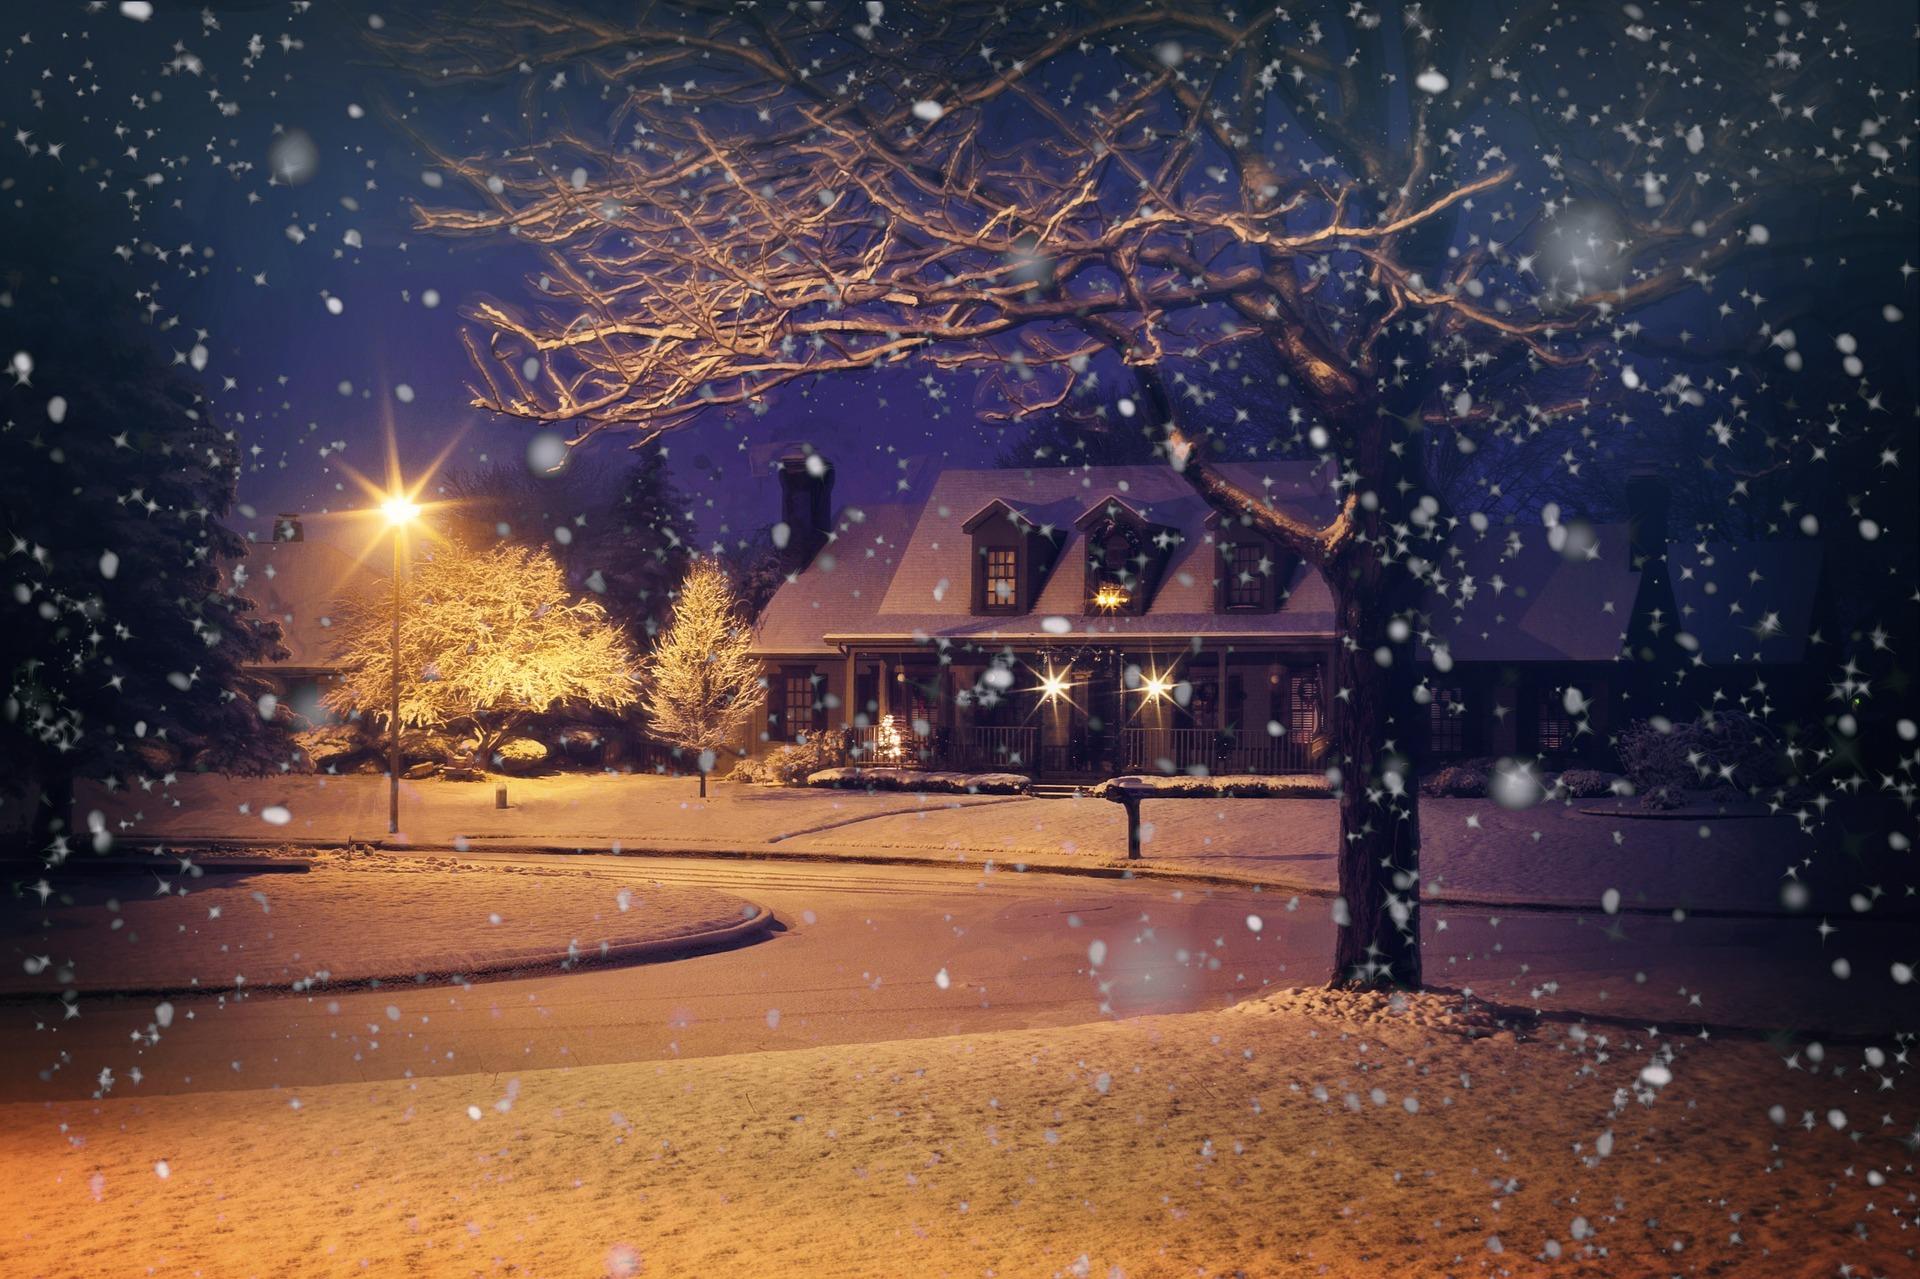 centrumförsamlingen, forserum, centrumkyrkan, blogg, jul, julens budskap, ensamhet, ljus, ensam på jul, kärlekens budskap, gåva, julklapp